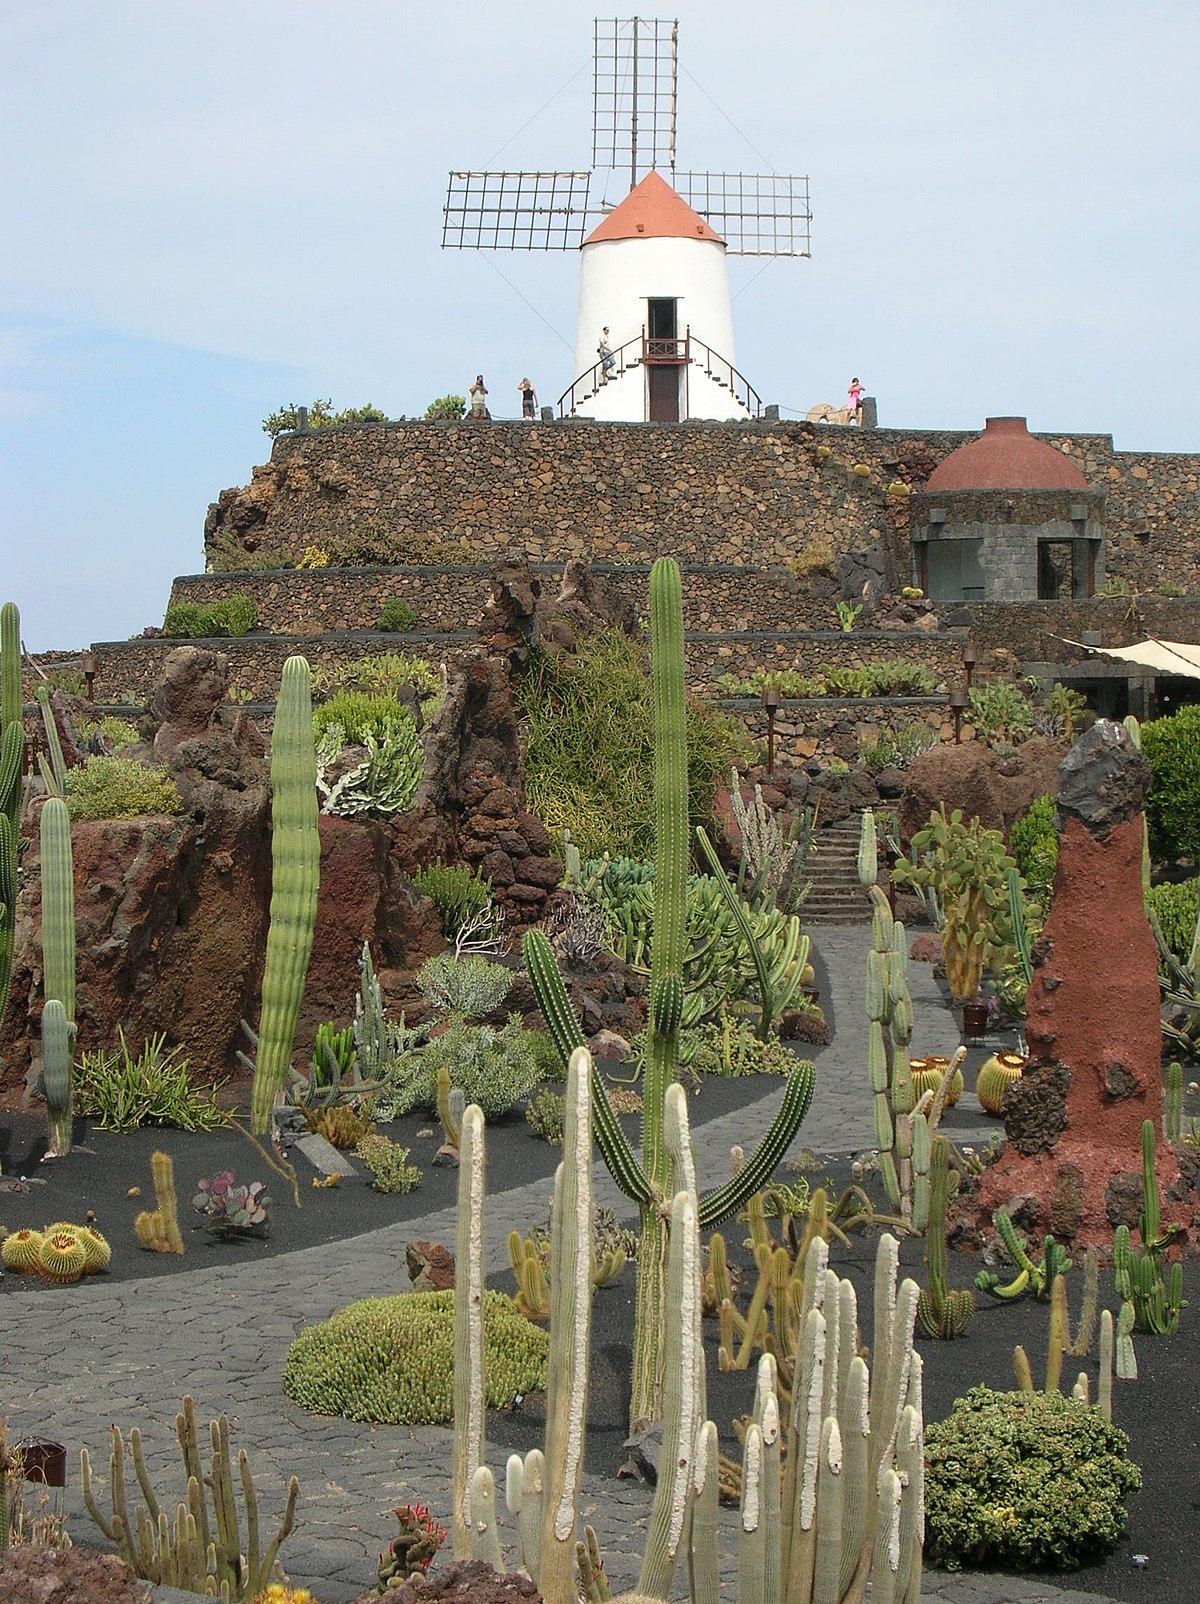 Jard n de cactus wikipedia for Jardin de cactus lanzarote